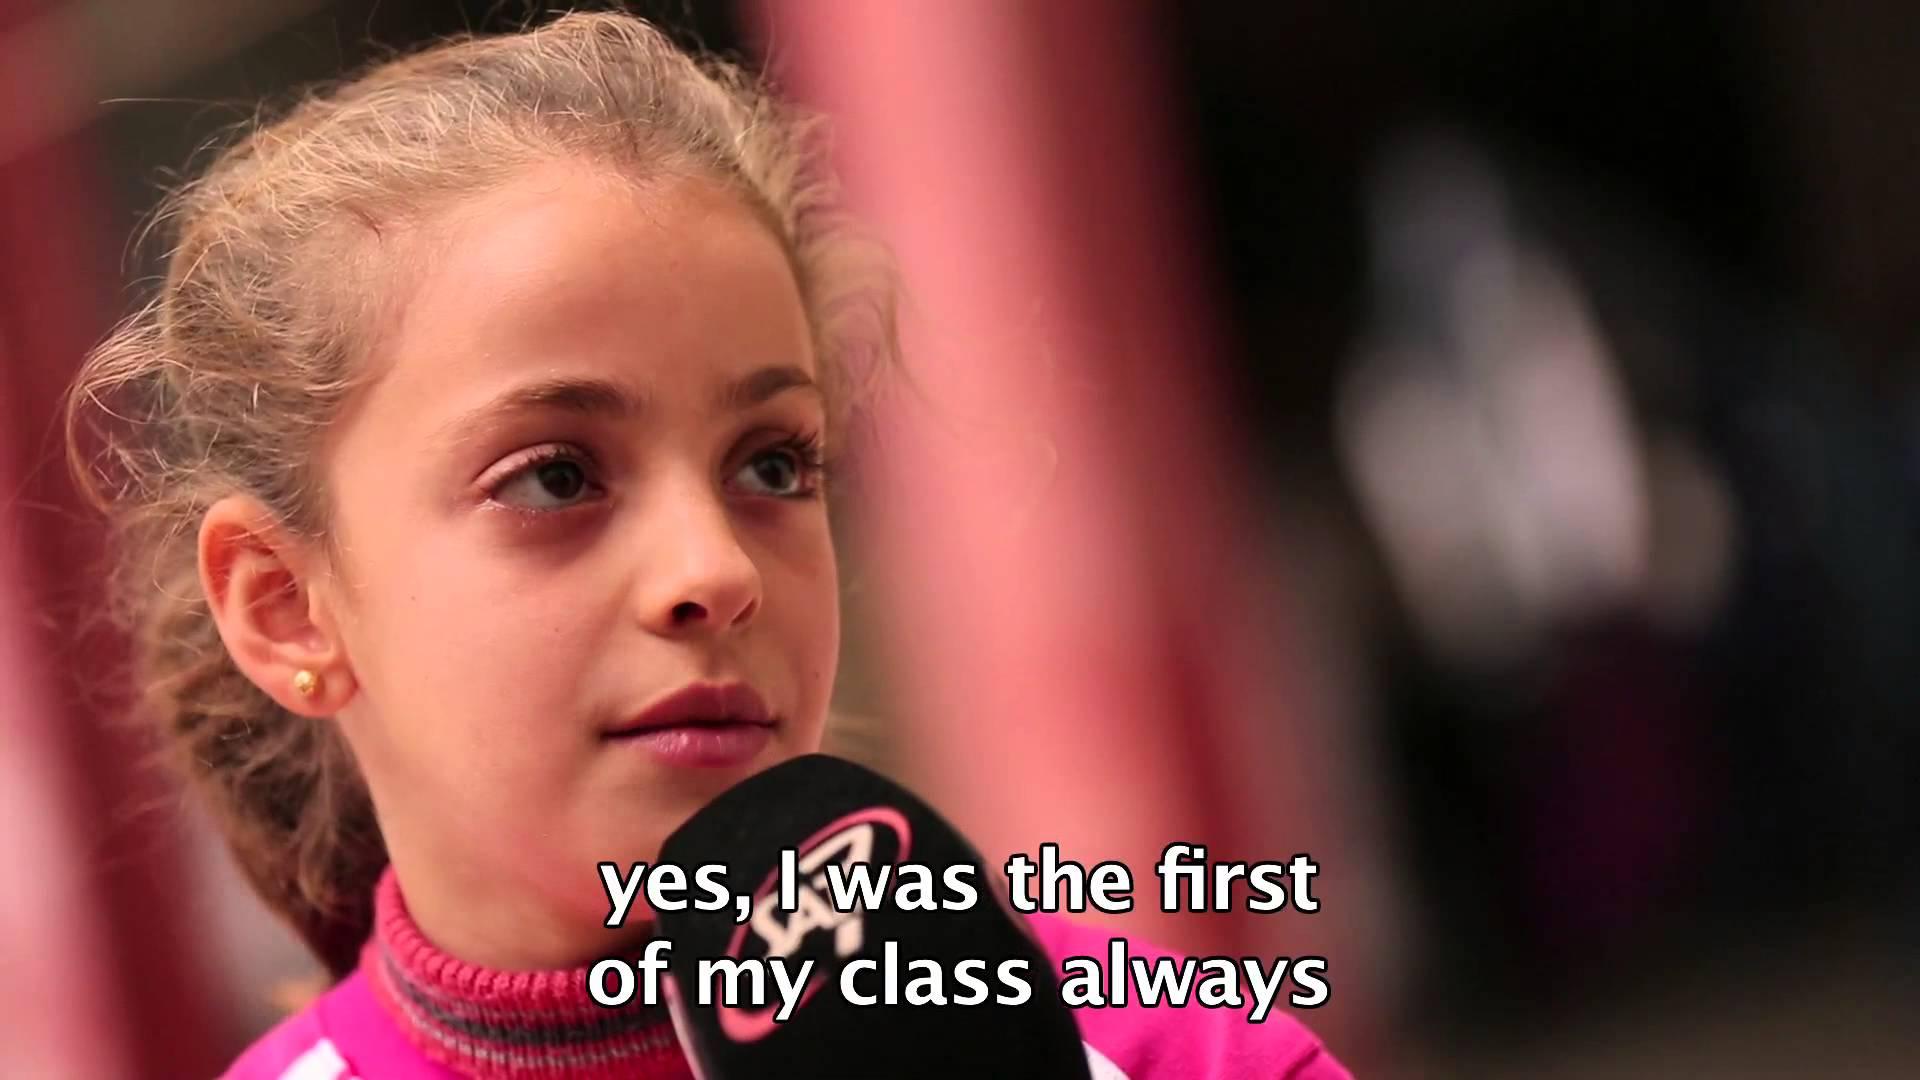 طفلة عراقية توجَّه خطابًا لاذعًا لتنظيم